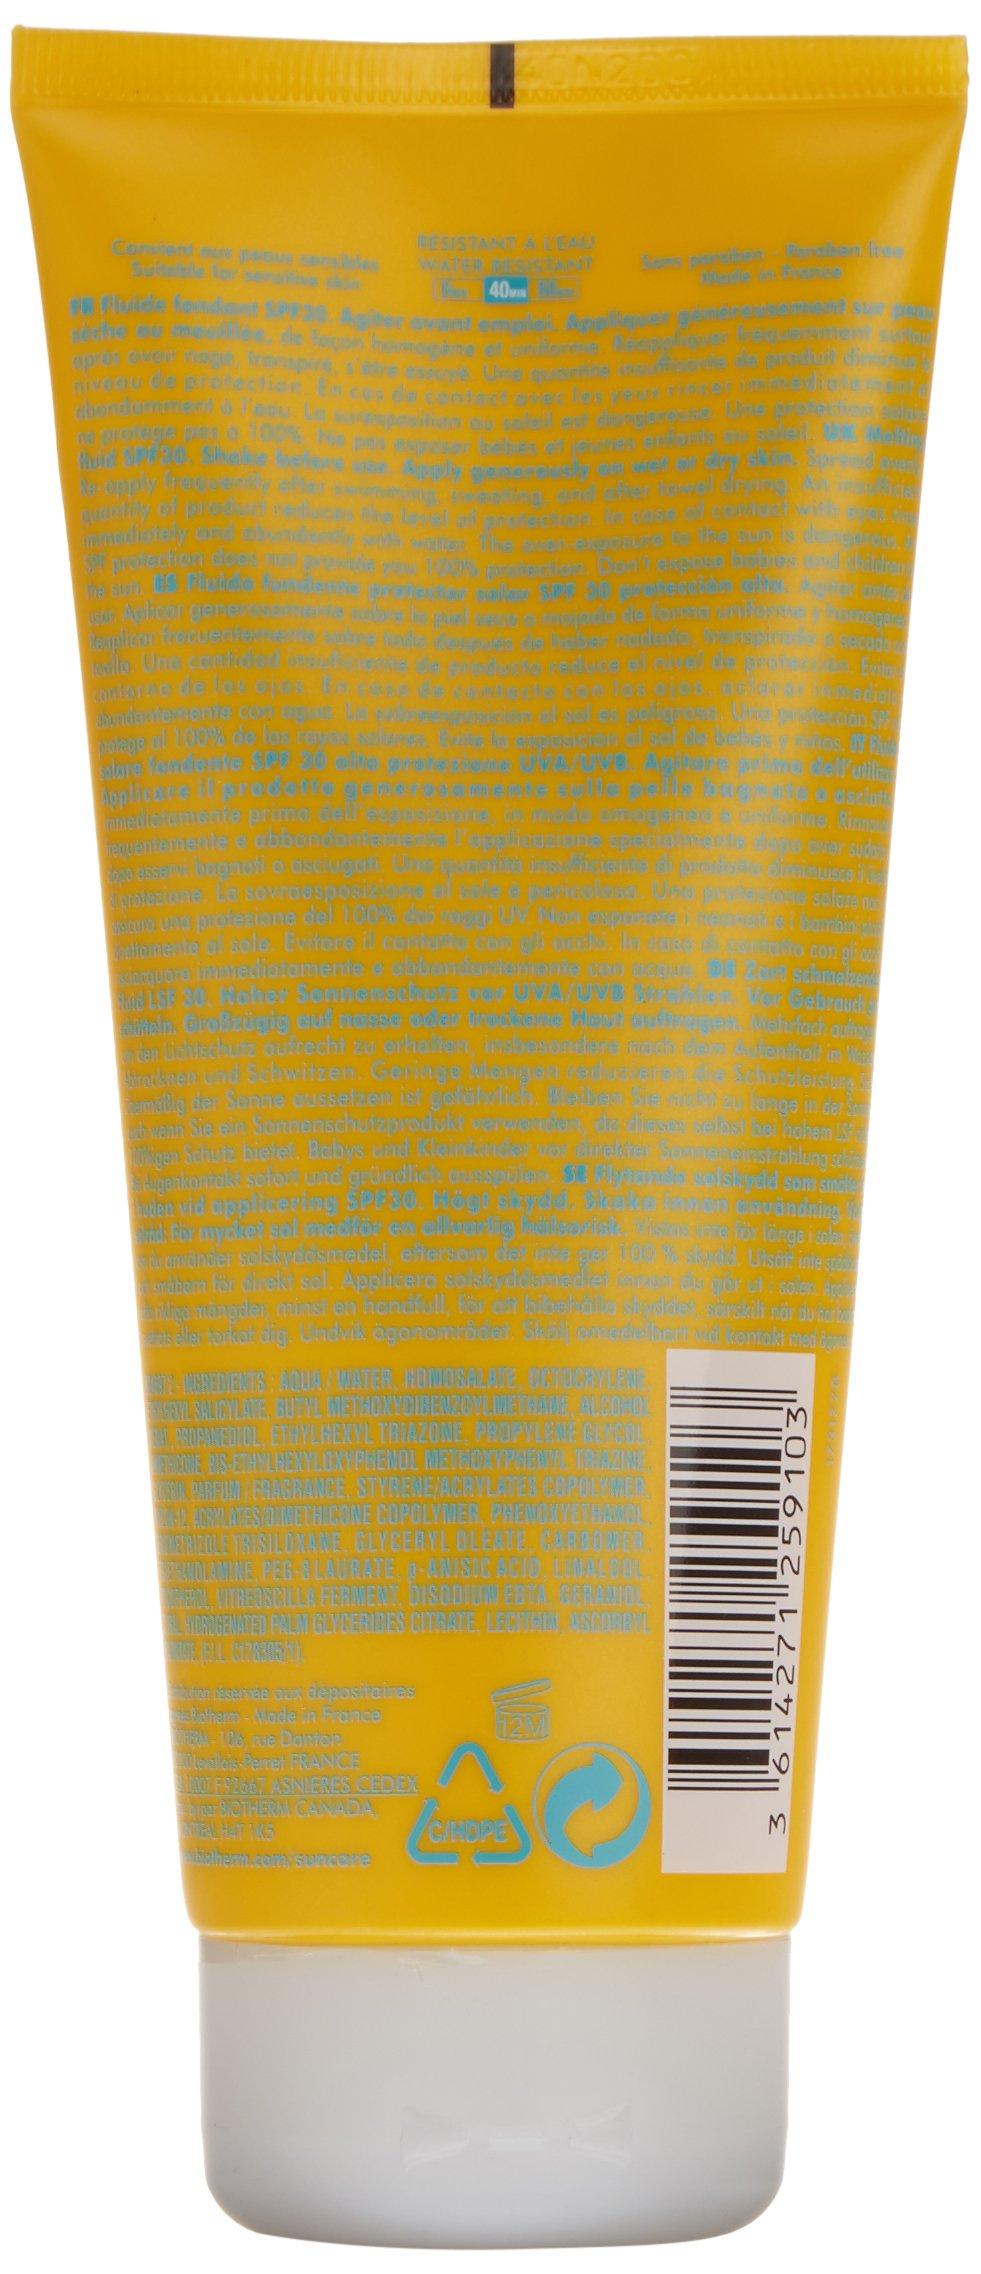 Biotherm, Crema diurna facial – 200 gr.